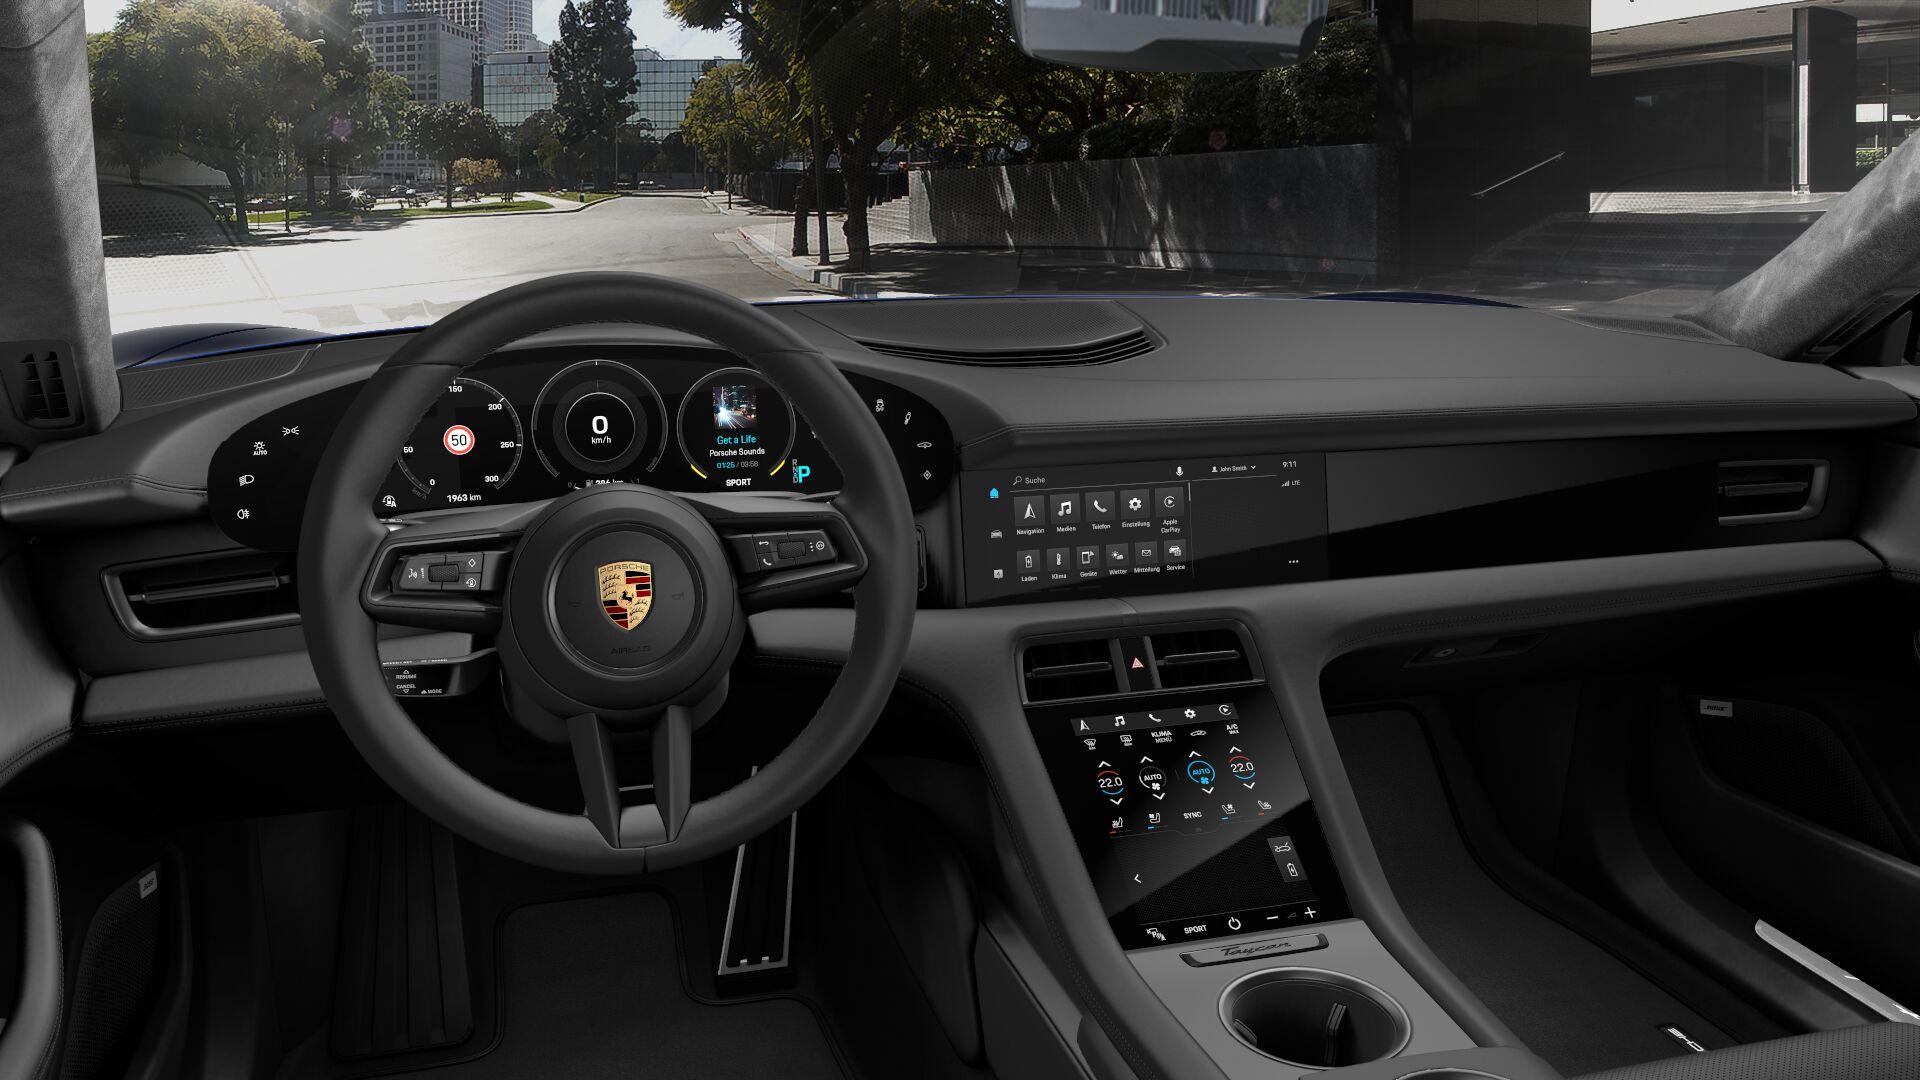 Innenraum im neuen Porsche Taycan Bildquelle: Porsche